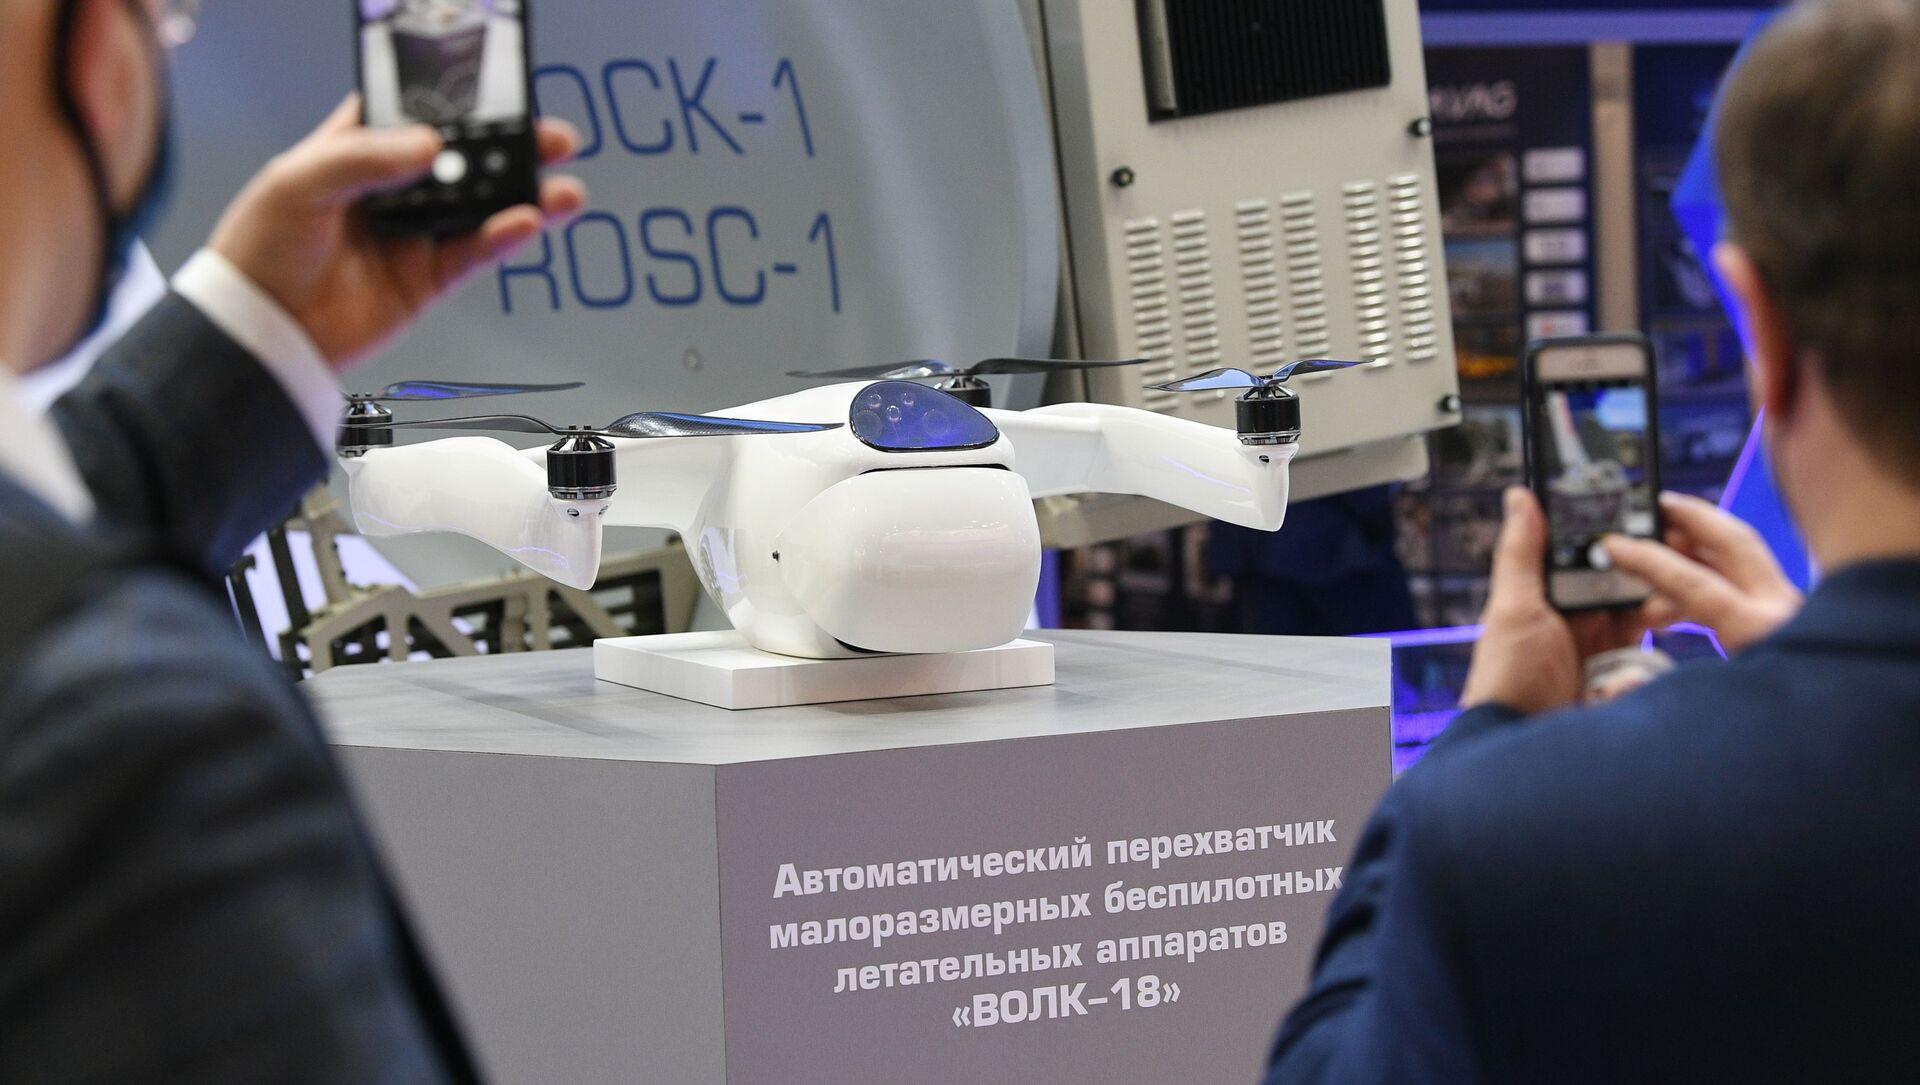 Dron cazador autónomo ruso Volk-18 - Sputnik Mundo, 1920, 10.02.2021